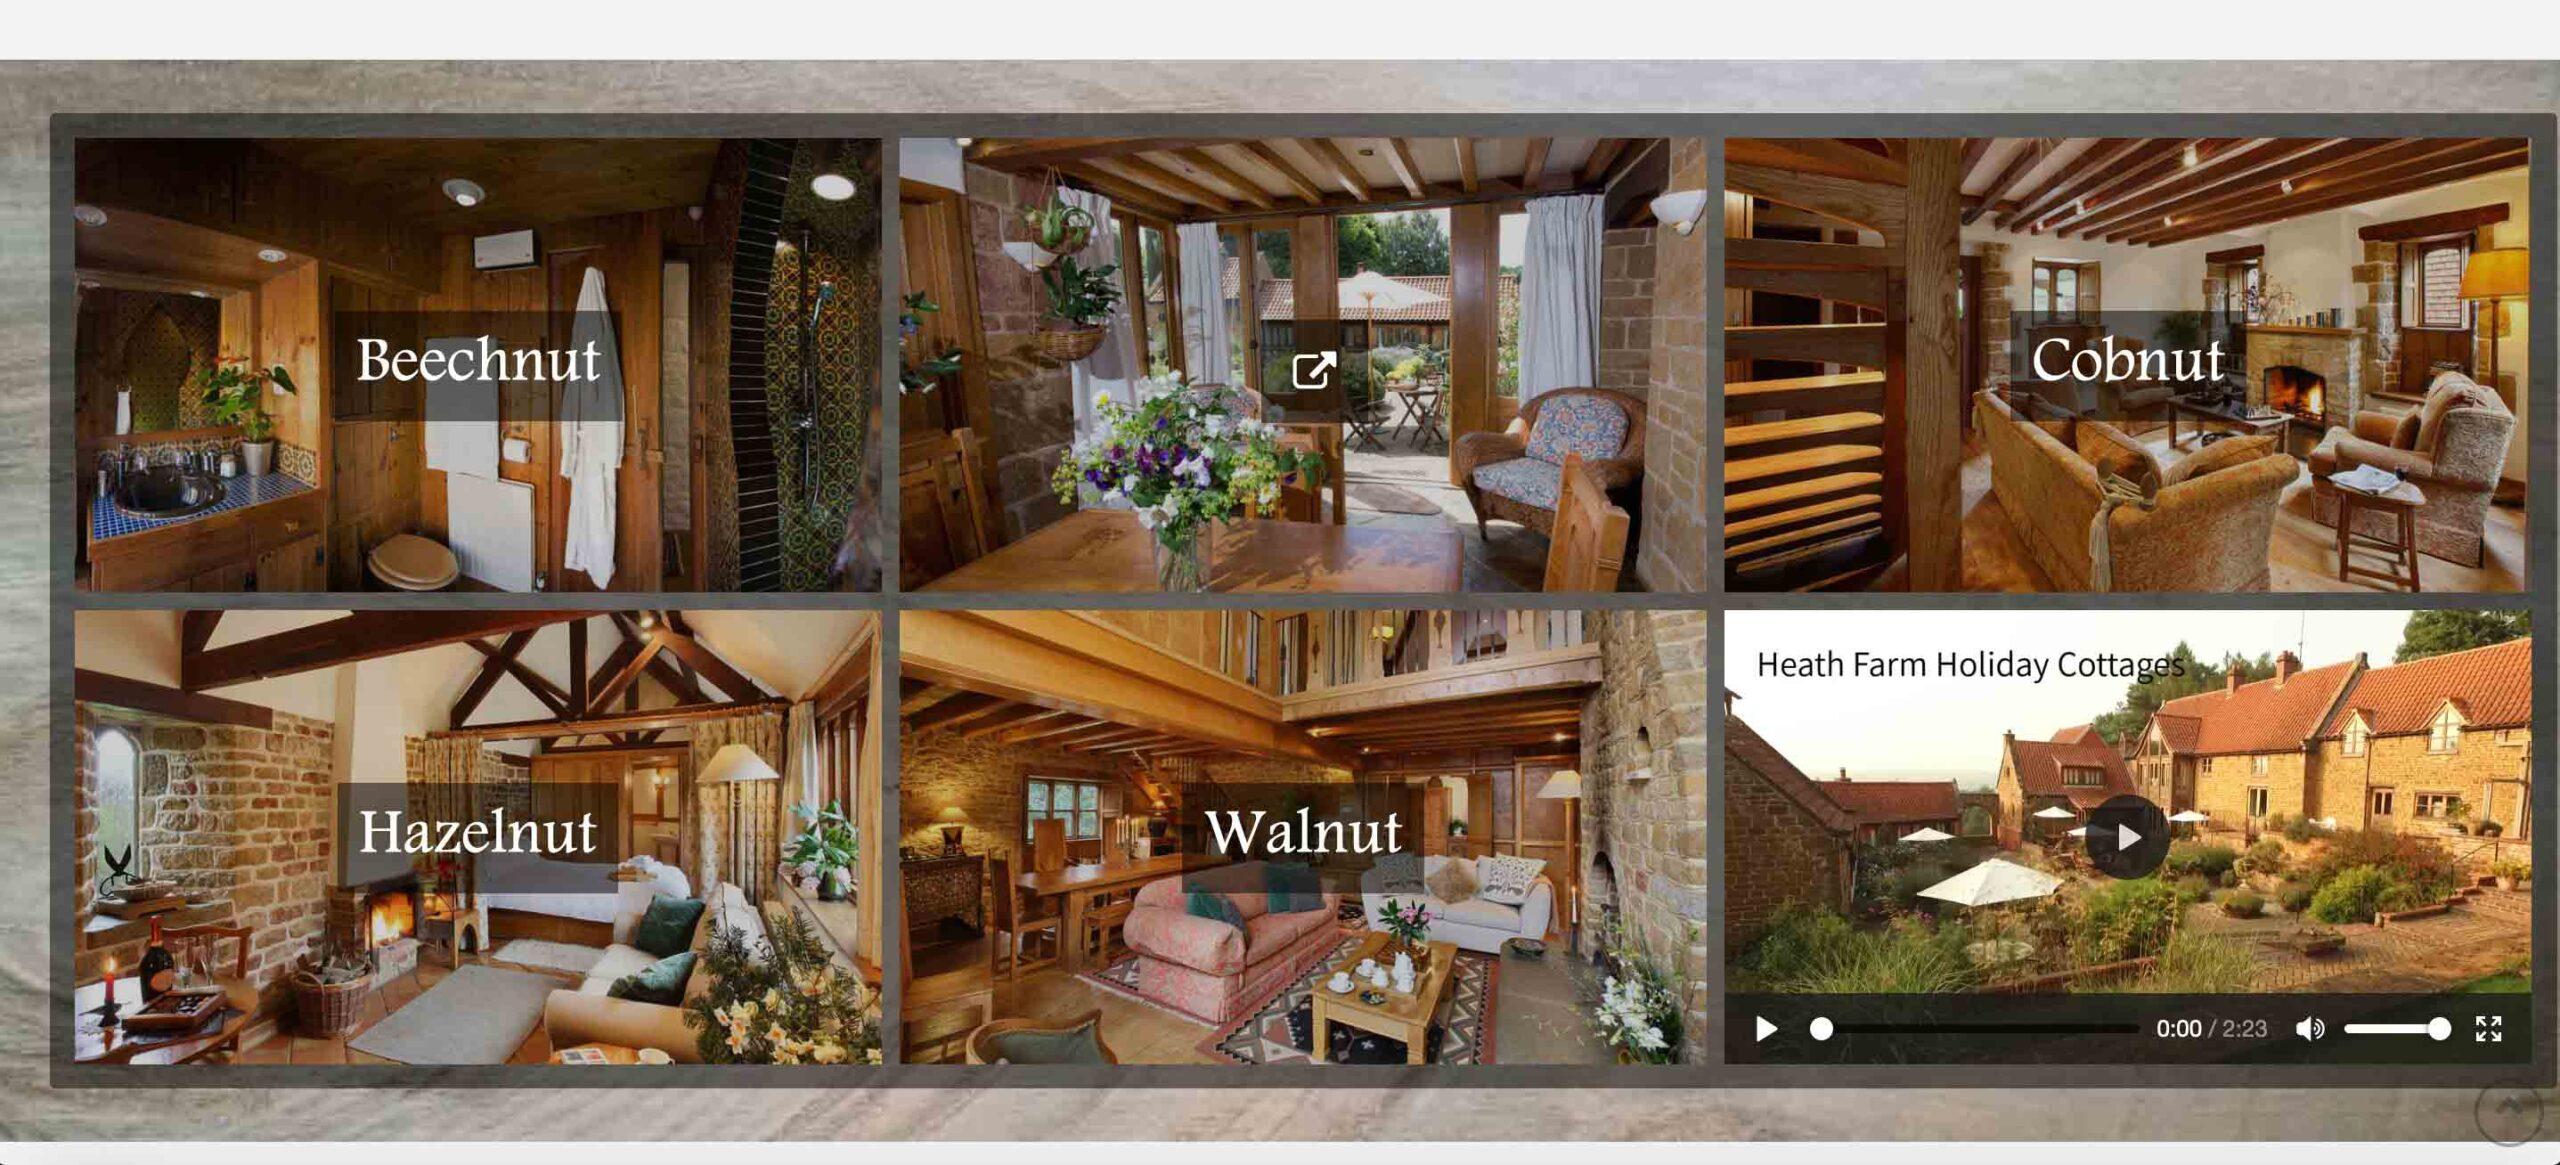 heathfarm cottage panels scaled